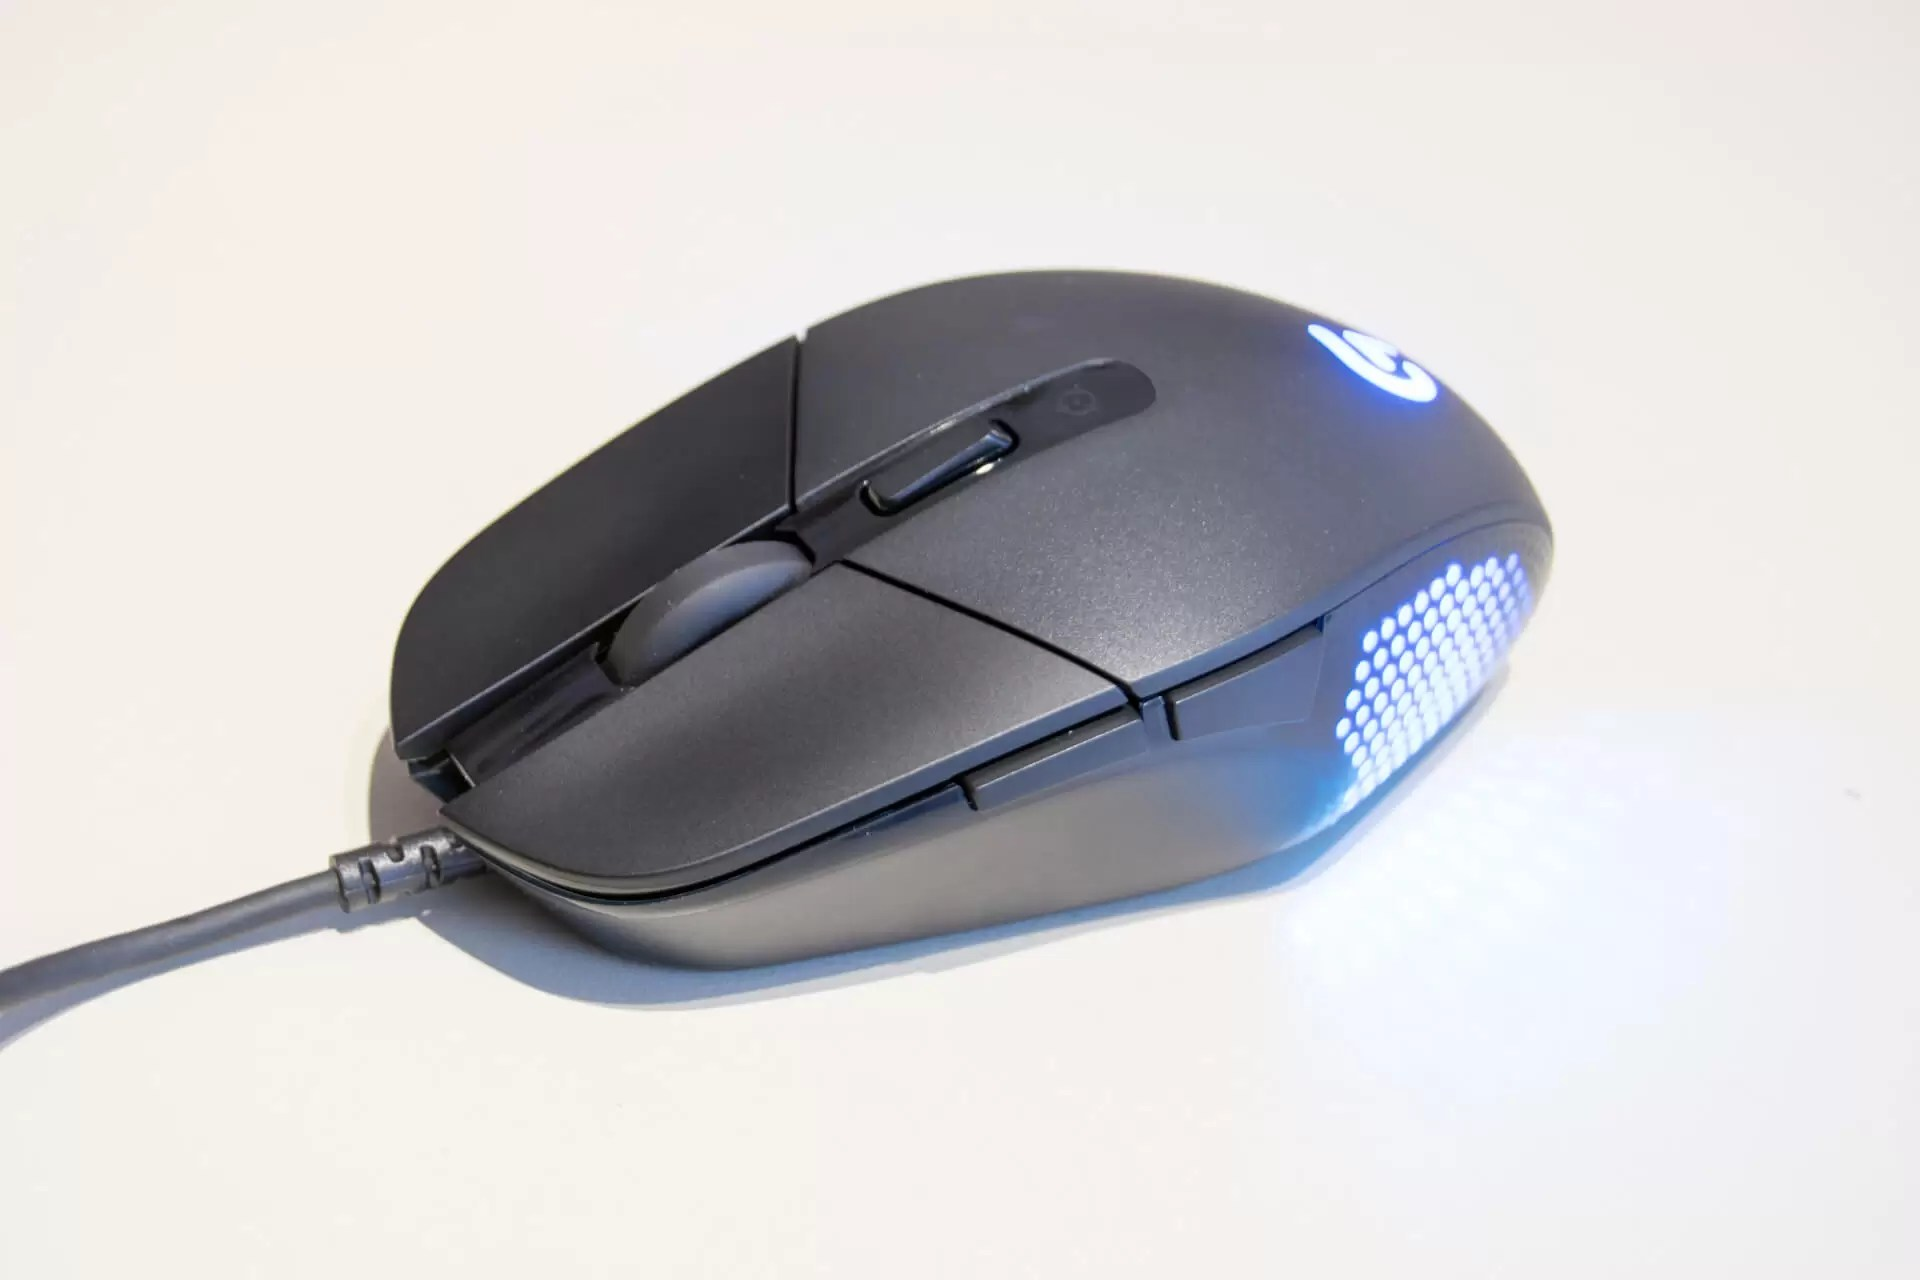 VAC sustav, tako da se korisnik nakon zatvaranja računa može povezati samo preko.